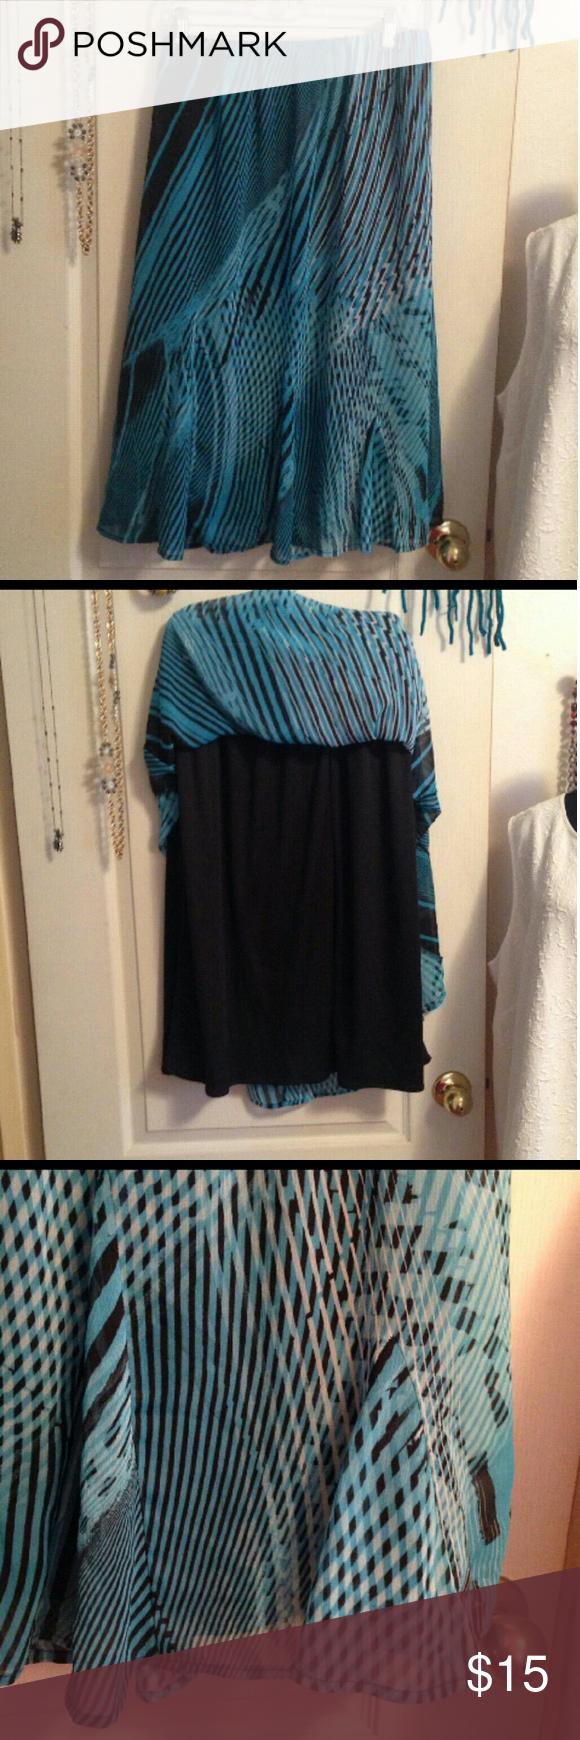 """AVENUE Black & Turquoise Sheer Skirt AVENUE Black & Turquoise Sheer Skirt 29"""" long Size 22/24 Avenue Skirts Midi"""